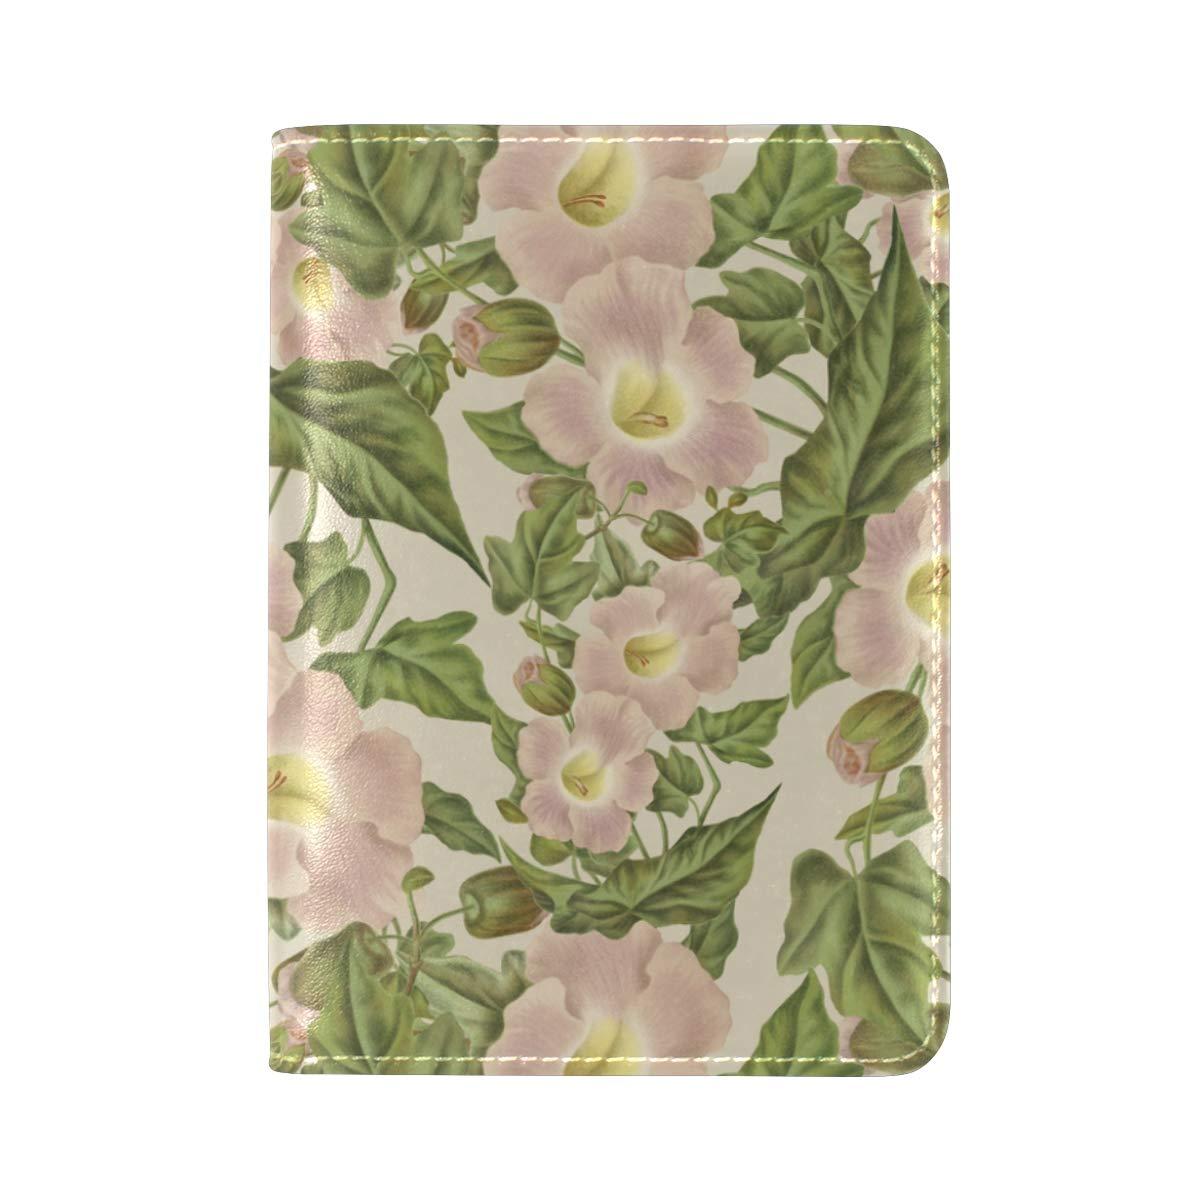 Pink Flower Green Leaf Pattern Vintage Antique One Pocket Leather Passport Holder Cover Case Protector for Men Women Travel